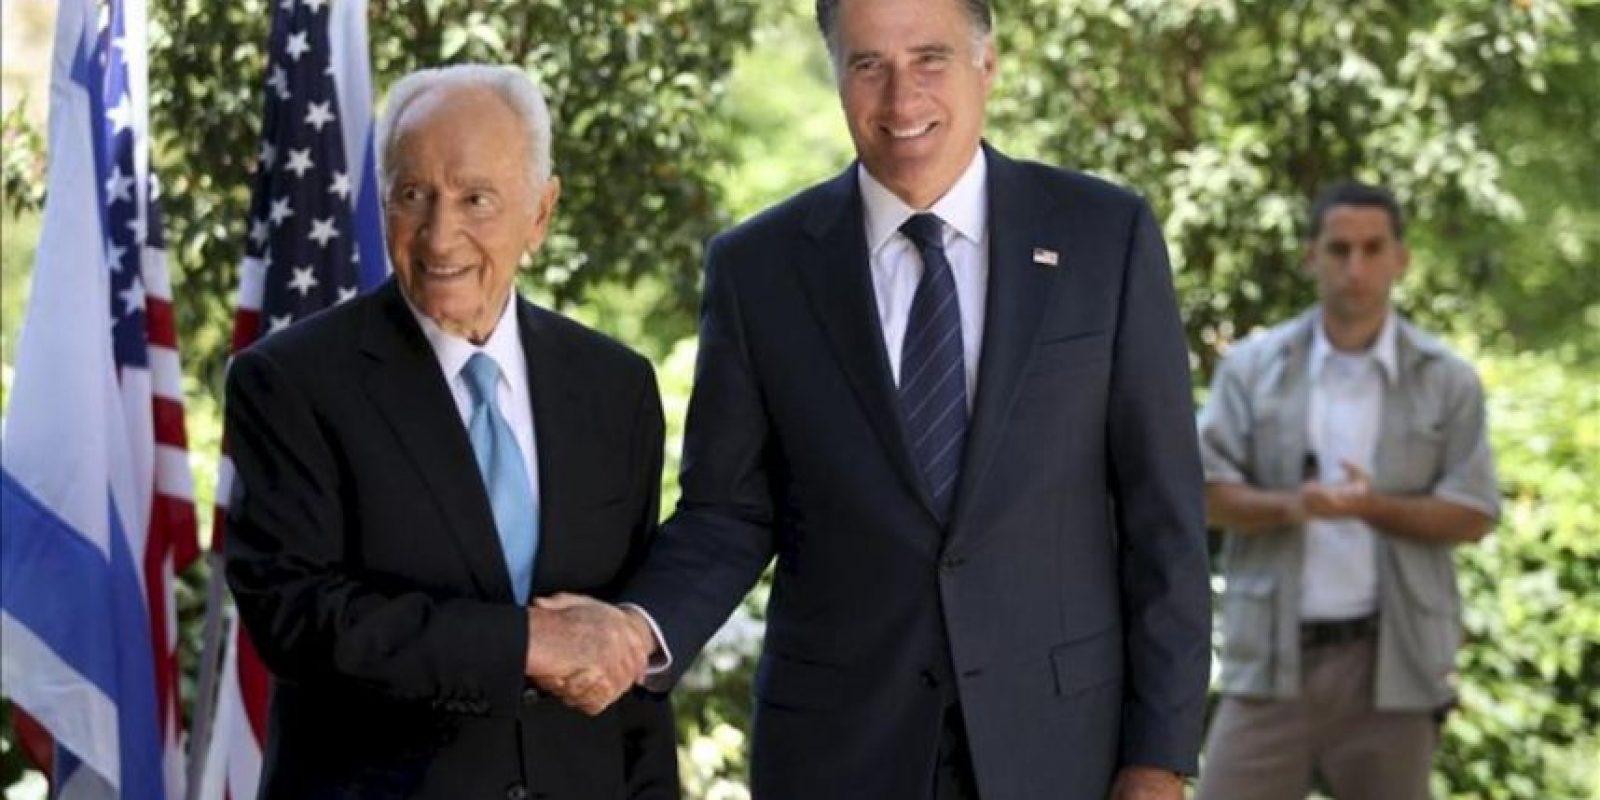 El candidato republicano a la Presidencia de EE.UU., Mitt Romney (dcha), estrecha la mano al presidente israelí, Simón Peres, durante un encuentro en la residencia presidencial en Jerusalén. EFE